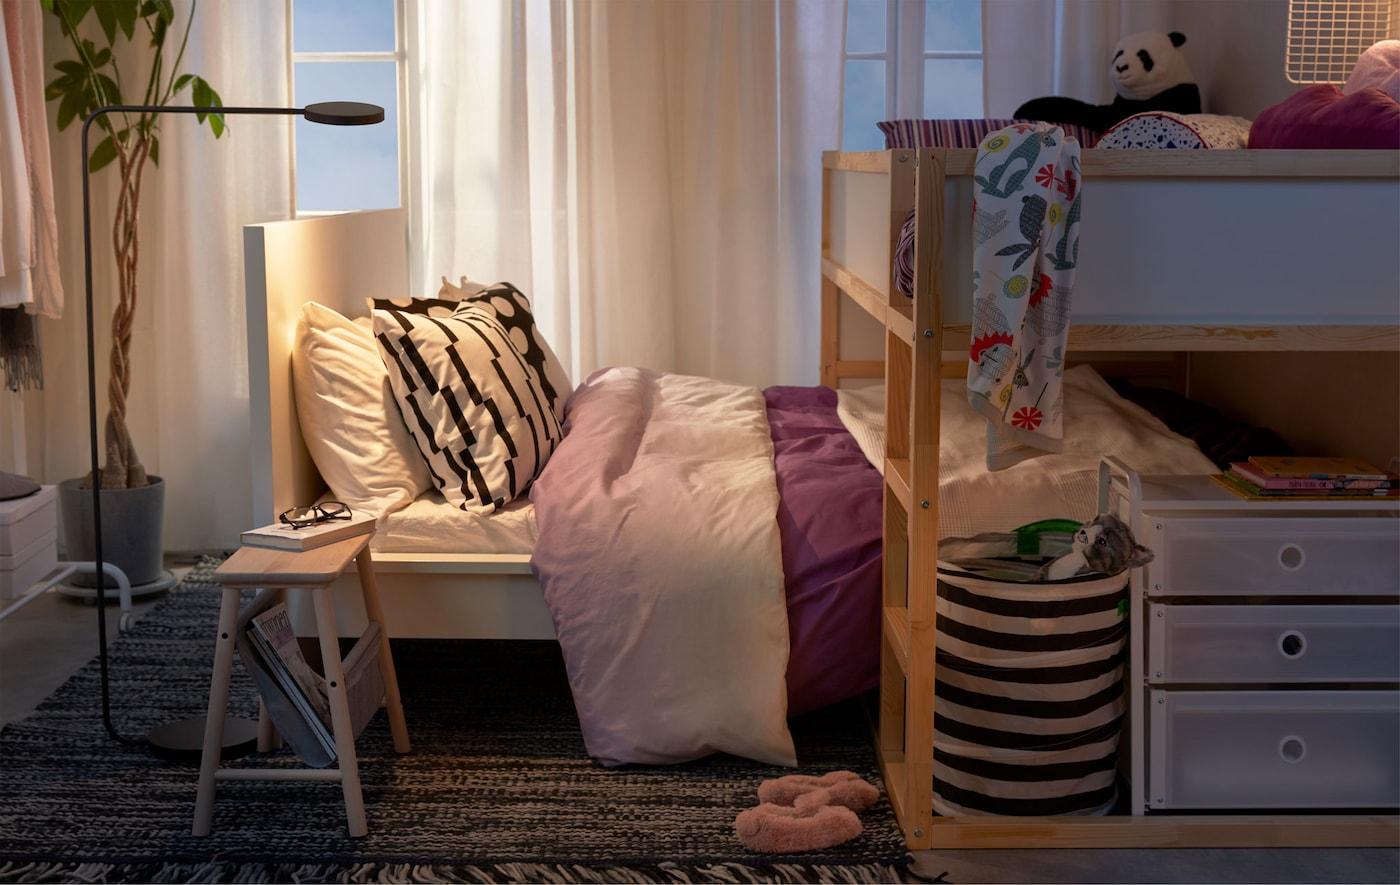 Pat suspendat deasupra unuia la o înălțime mai mică - pat de copil deasupra celui al părinților, într-un dormitor cu spațiu restrâns.